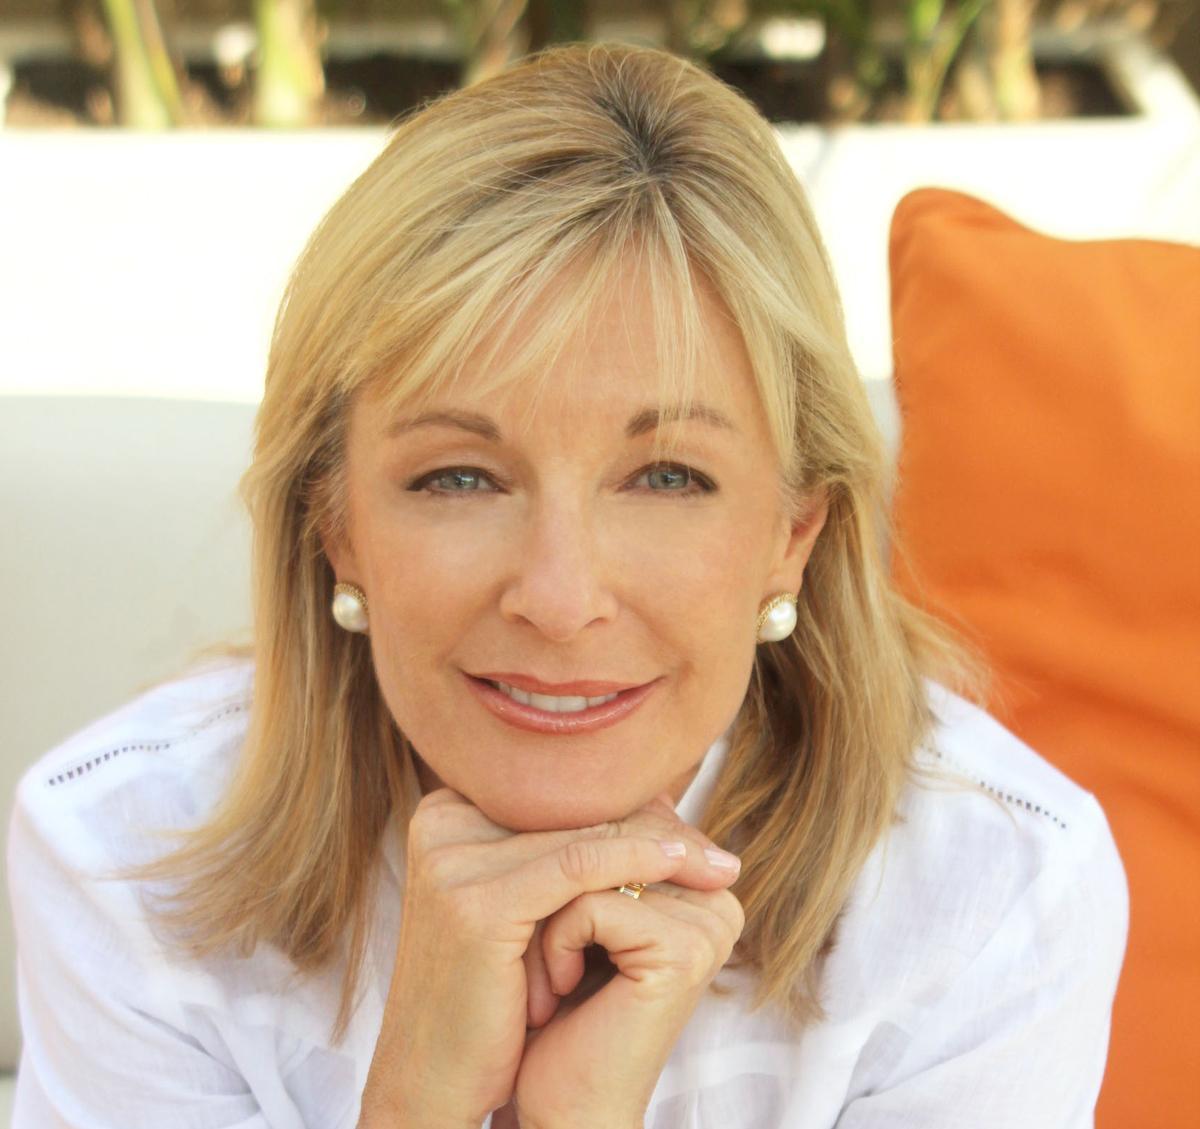 Susie Ellis is chair of the GWS